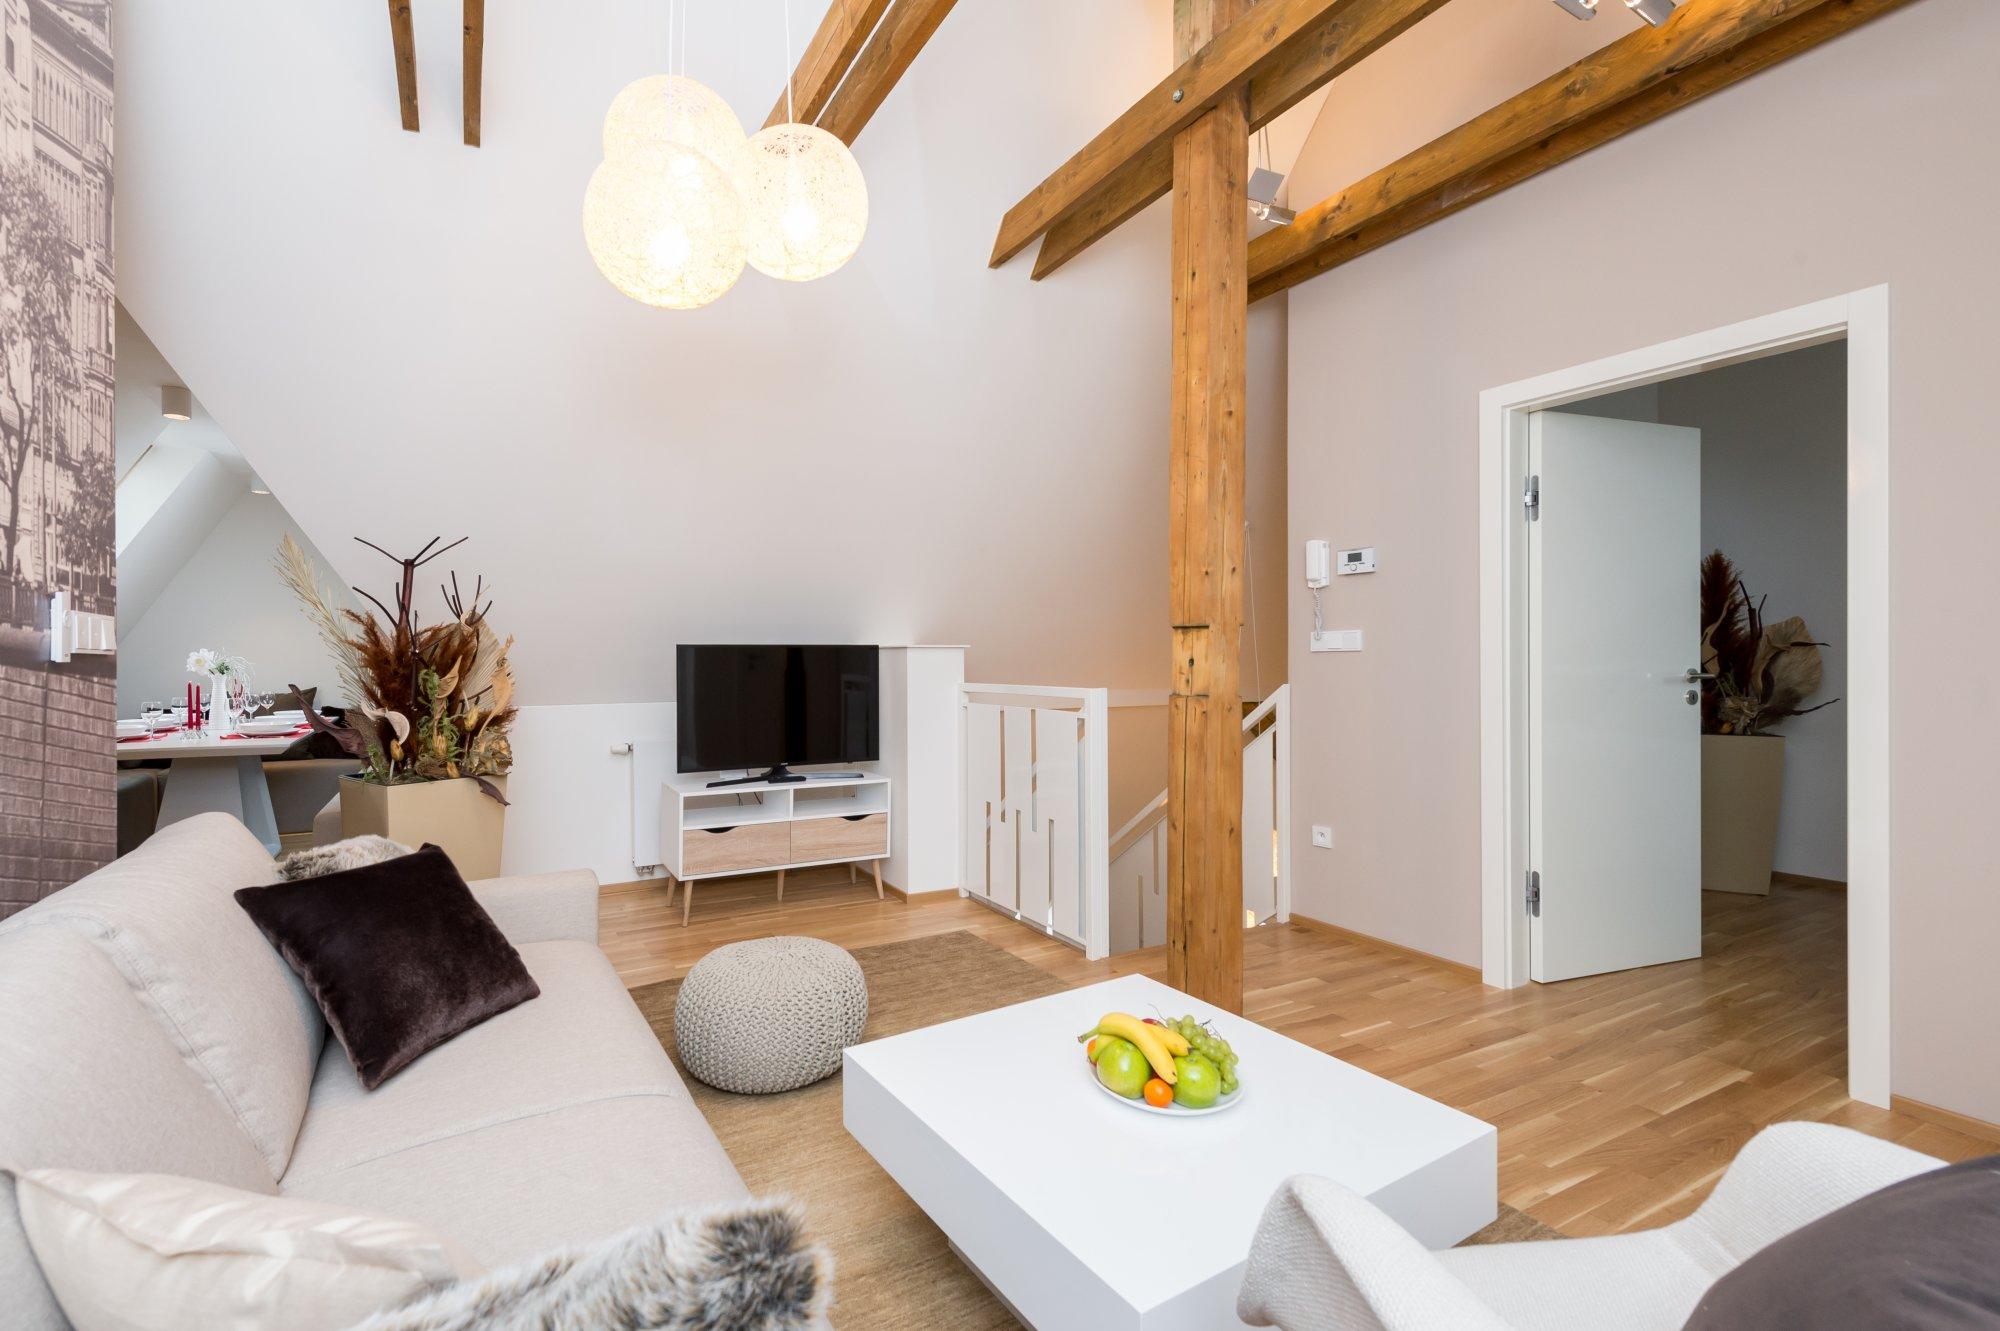 Půdní byt 3+kk, plocha 127 m², ulice Myslíkova, Praha 1 - Nové Město | 2